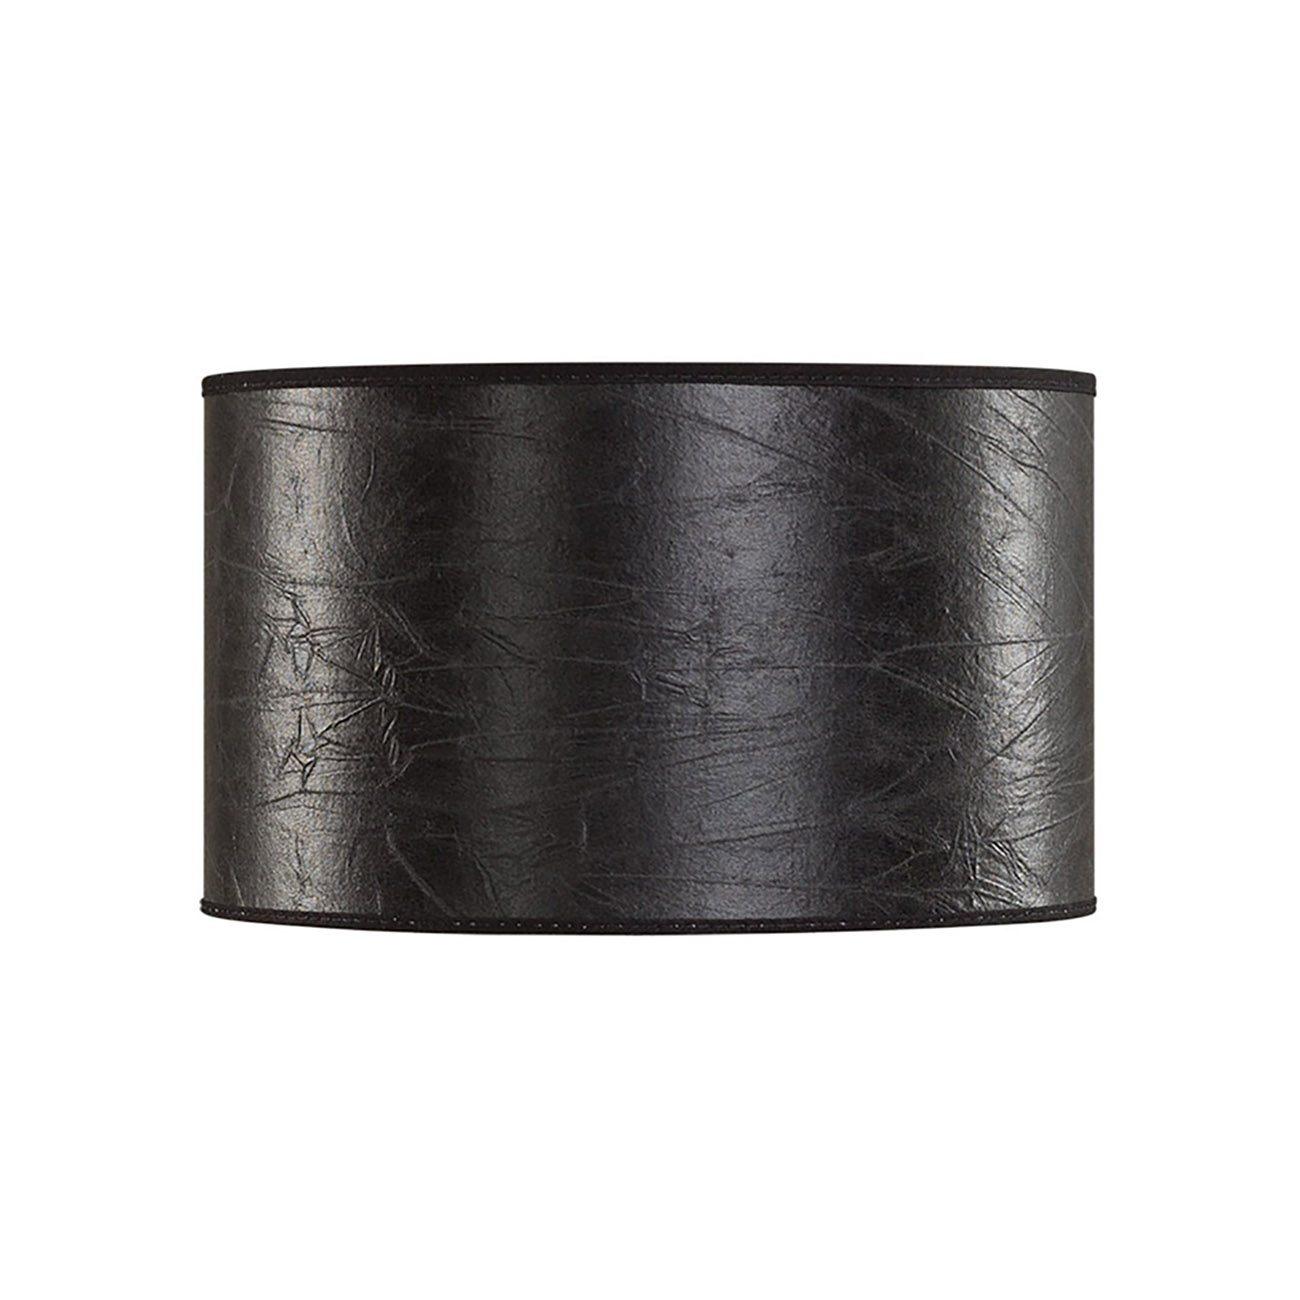 Liten cylinderformad lampskärm i svart från Artwood.